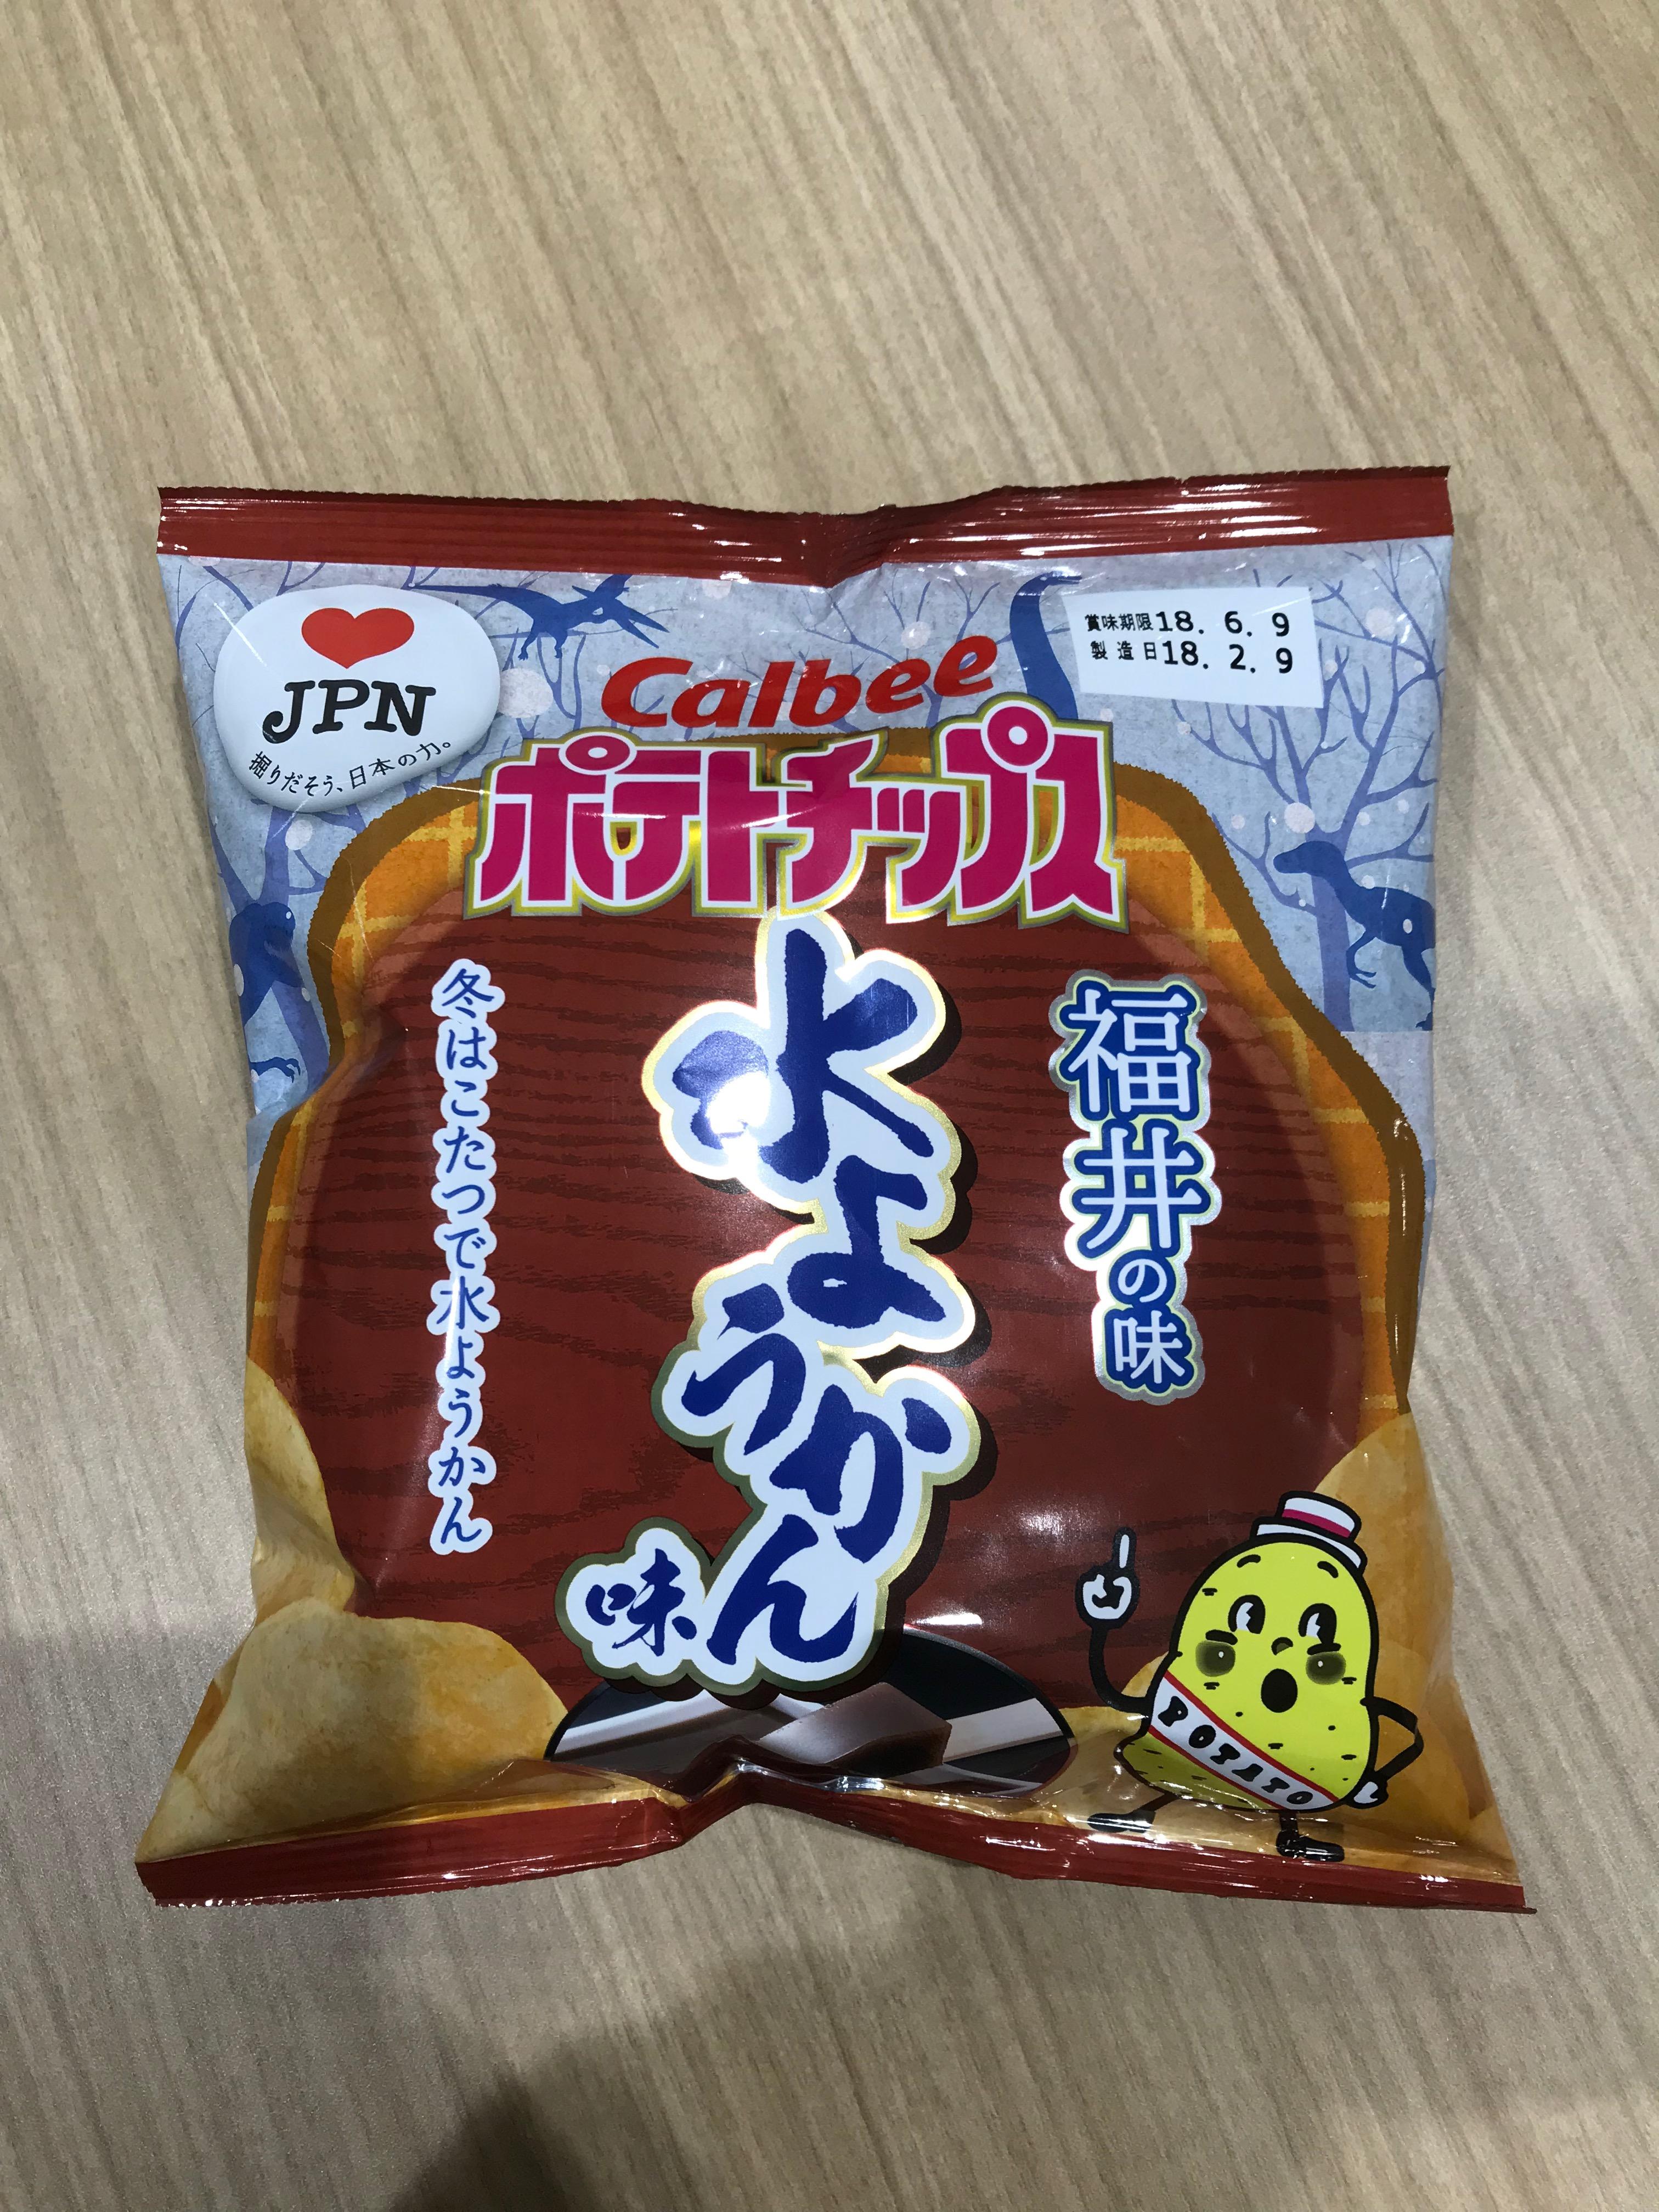 名古屋のファミマで見つけた水ようかん味ポテチ。だったら水ようかん食べればいいじゃん、という面白いやつである